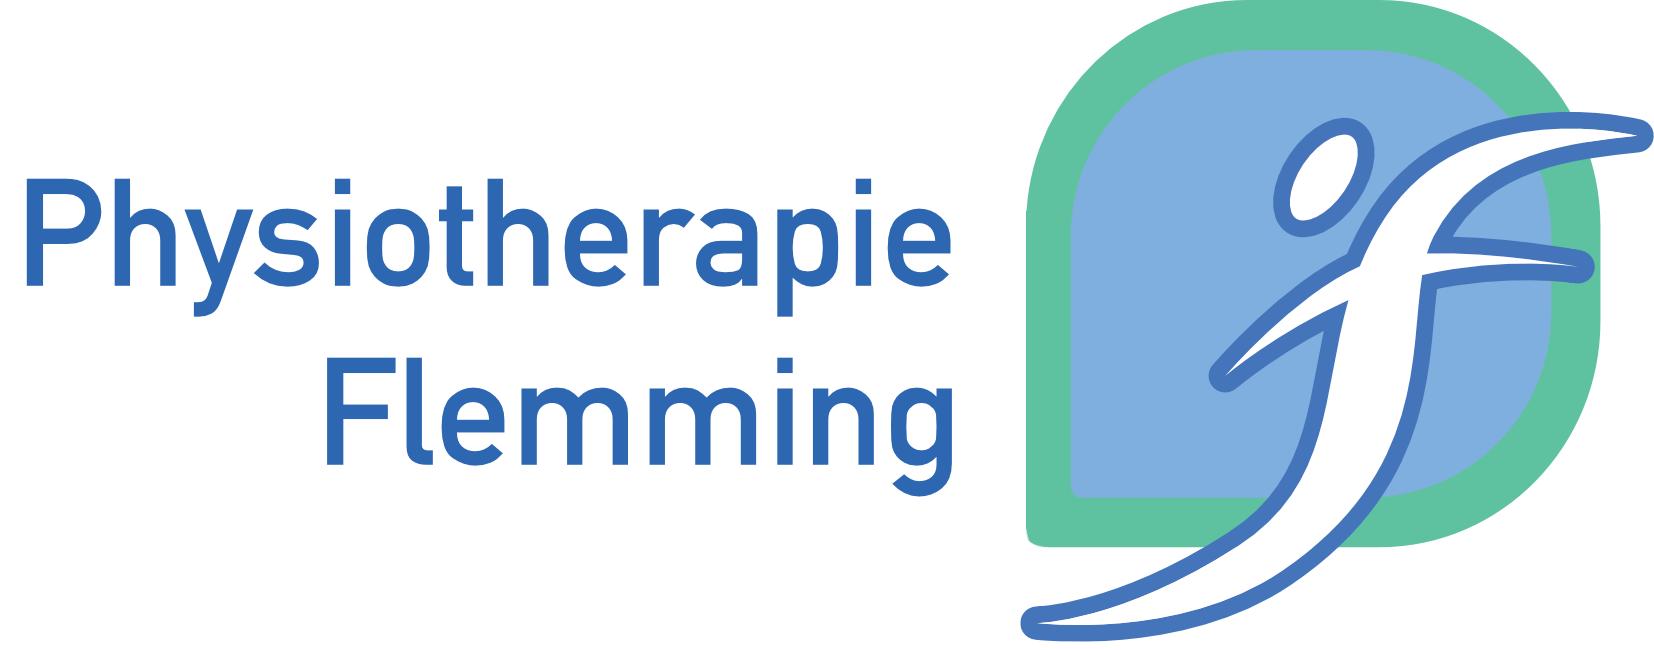 Meine Physiotherapie Flemming. Physiotherapie und Wellness in Dresden